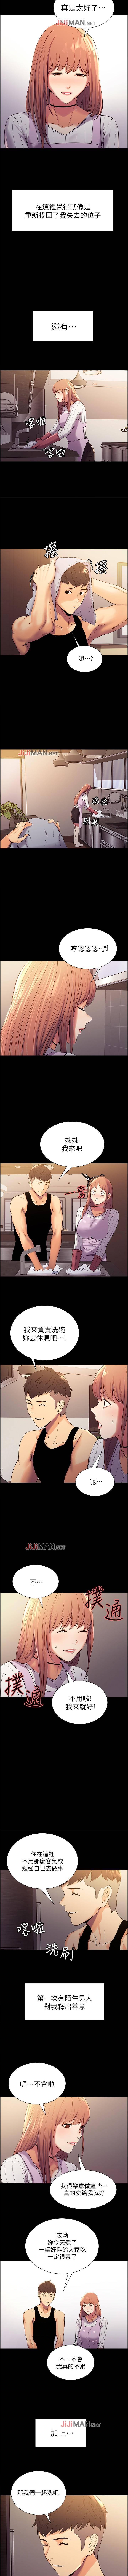 【周二连载】室友招募中(作者:Serious) 第1~15话 58